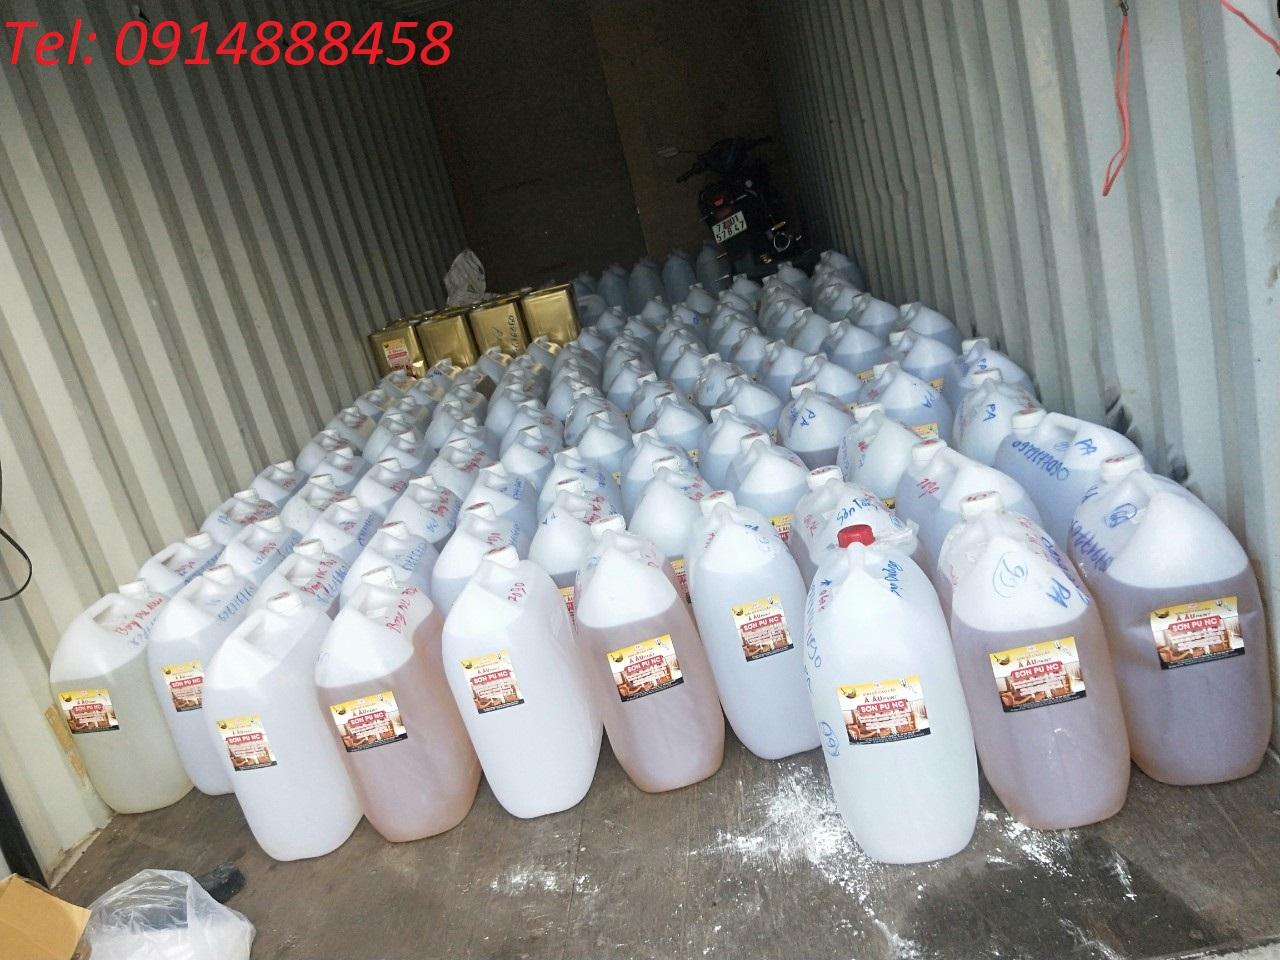 Vận chuyển hàng hóa chất Sài Gòn-Viêng Chăn